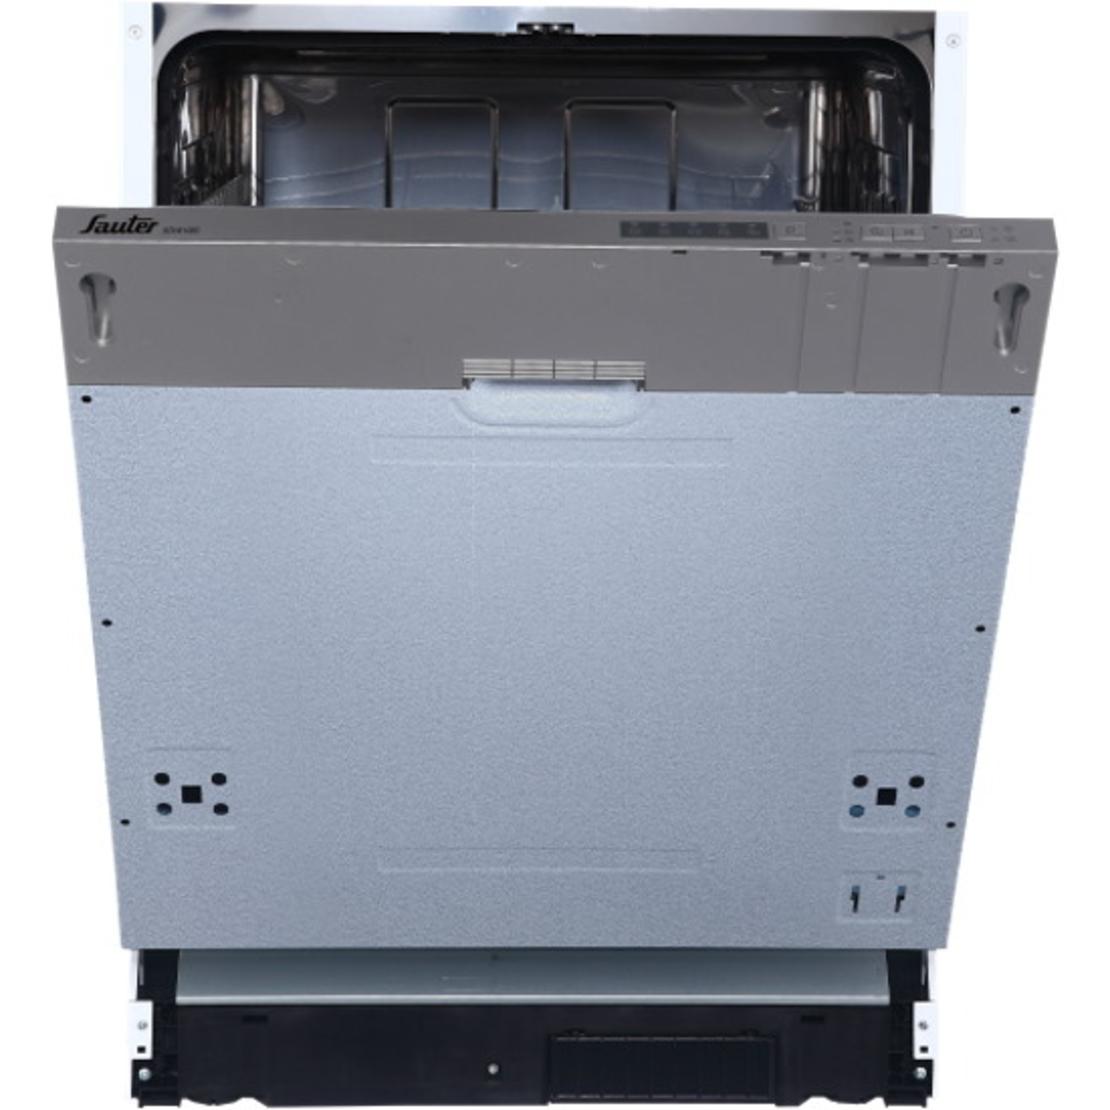 מדיח כלים אינטרלי מלא סאוטר SAUTER דגם SDW1060